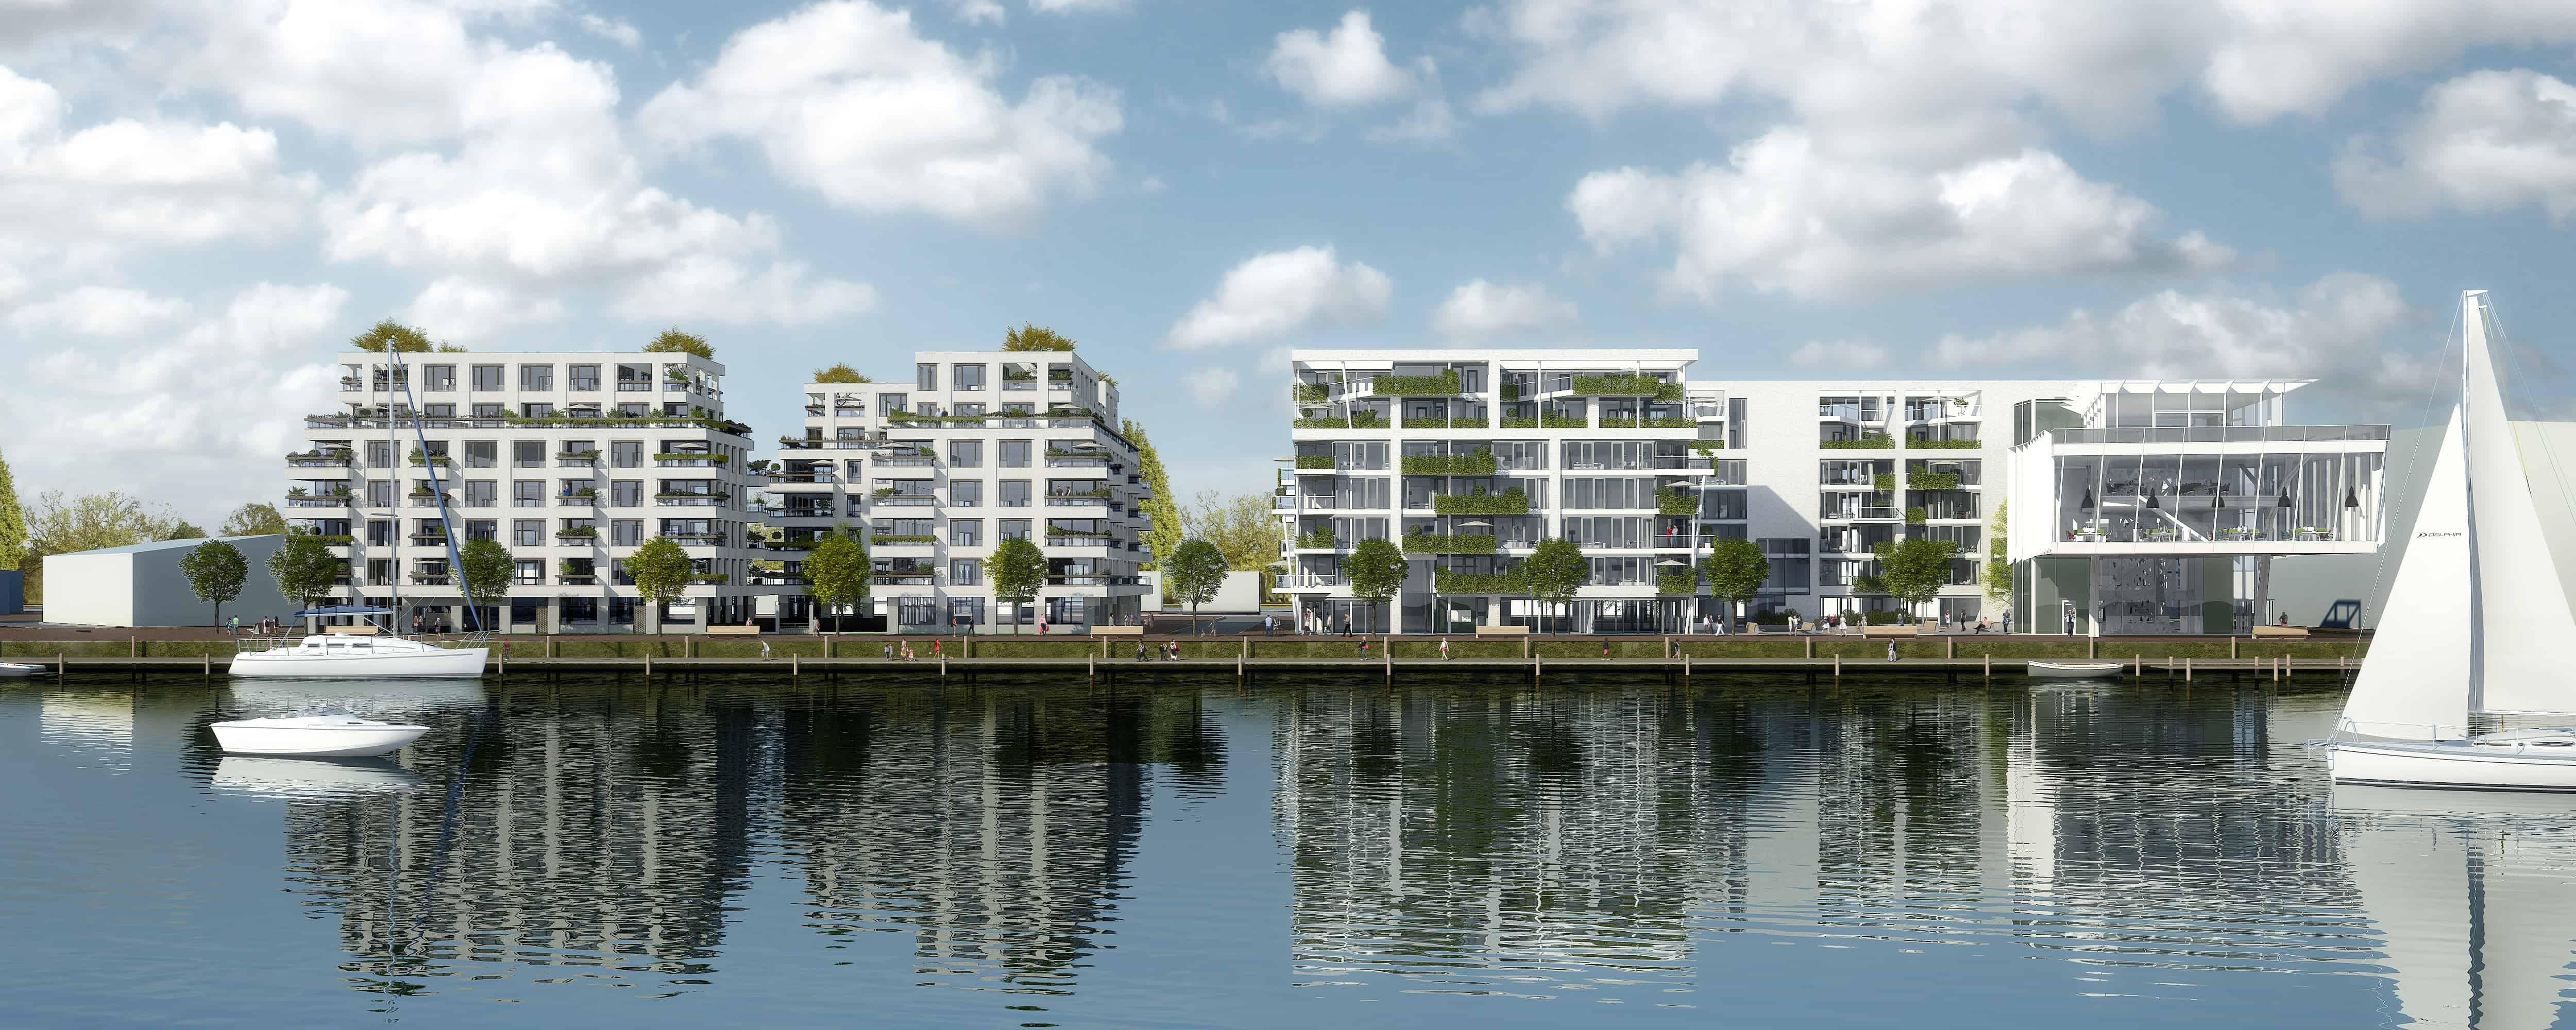 Duurzame woningbouw Cruquius Amsterdam